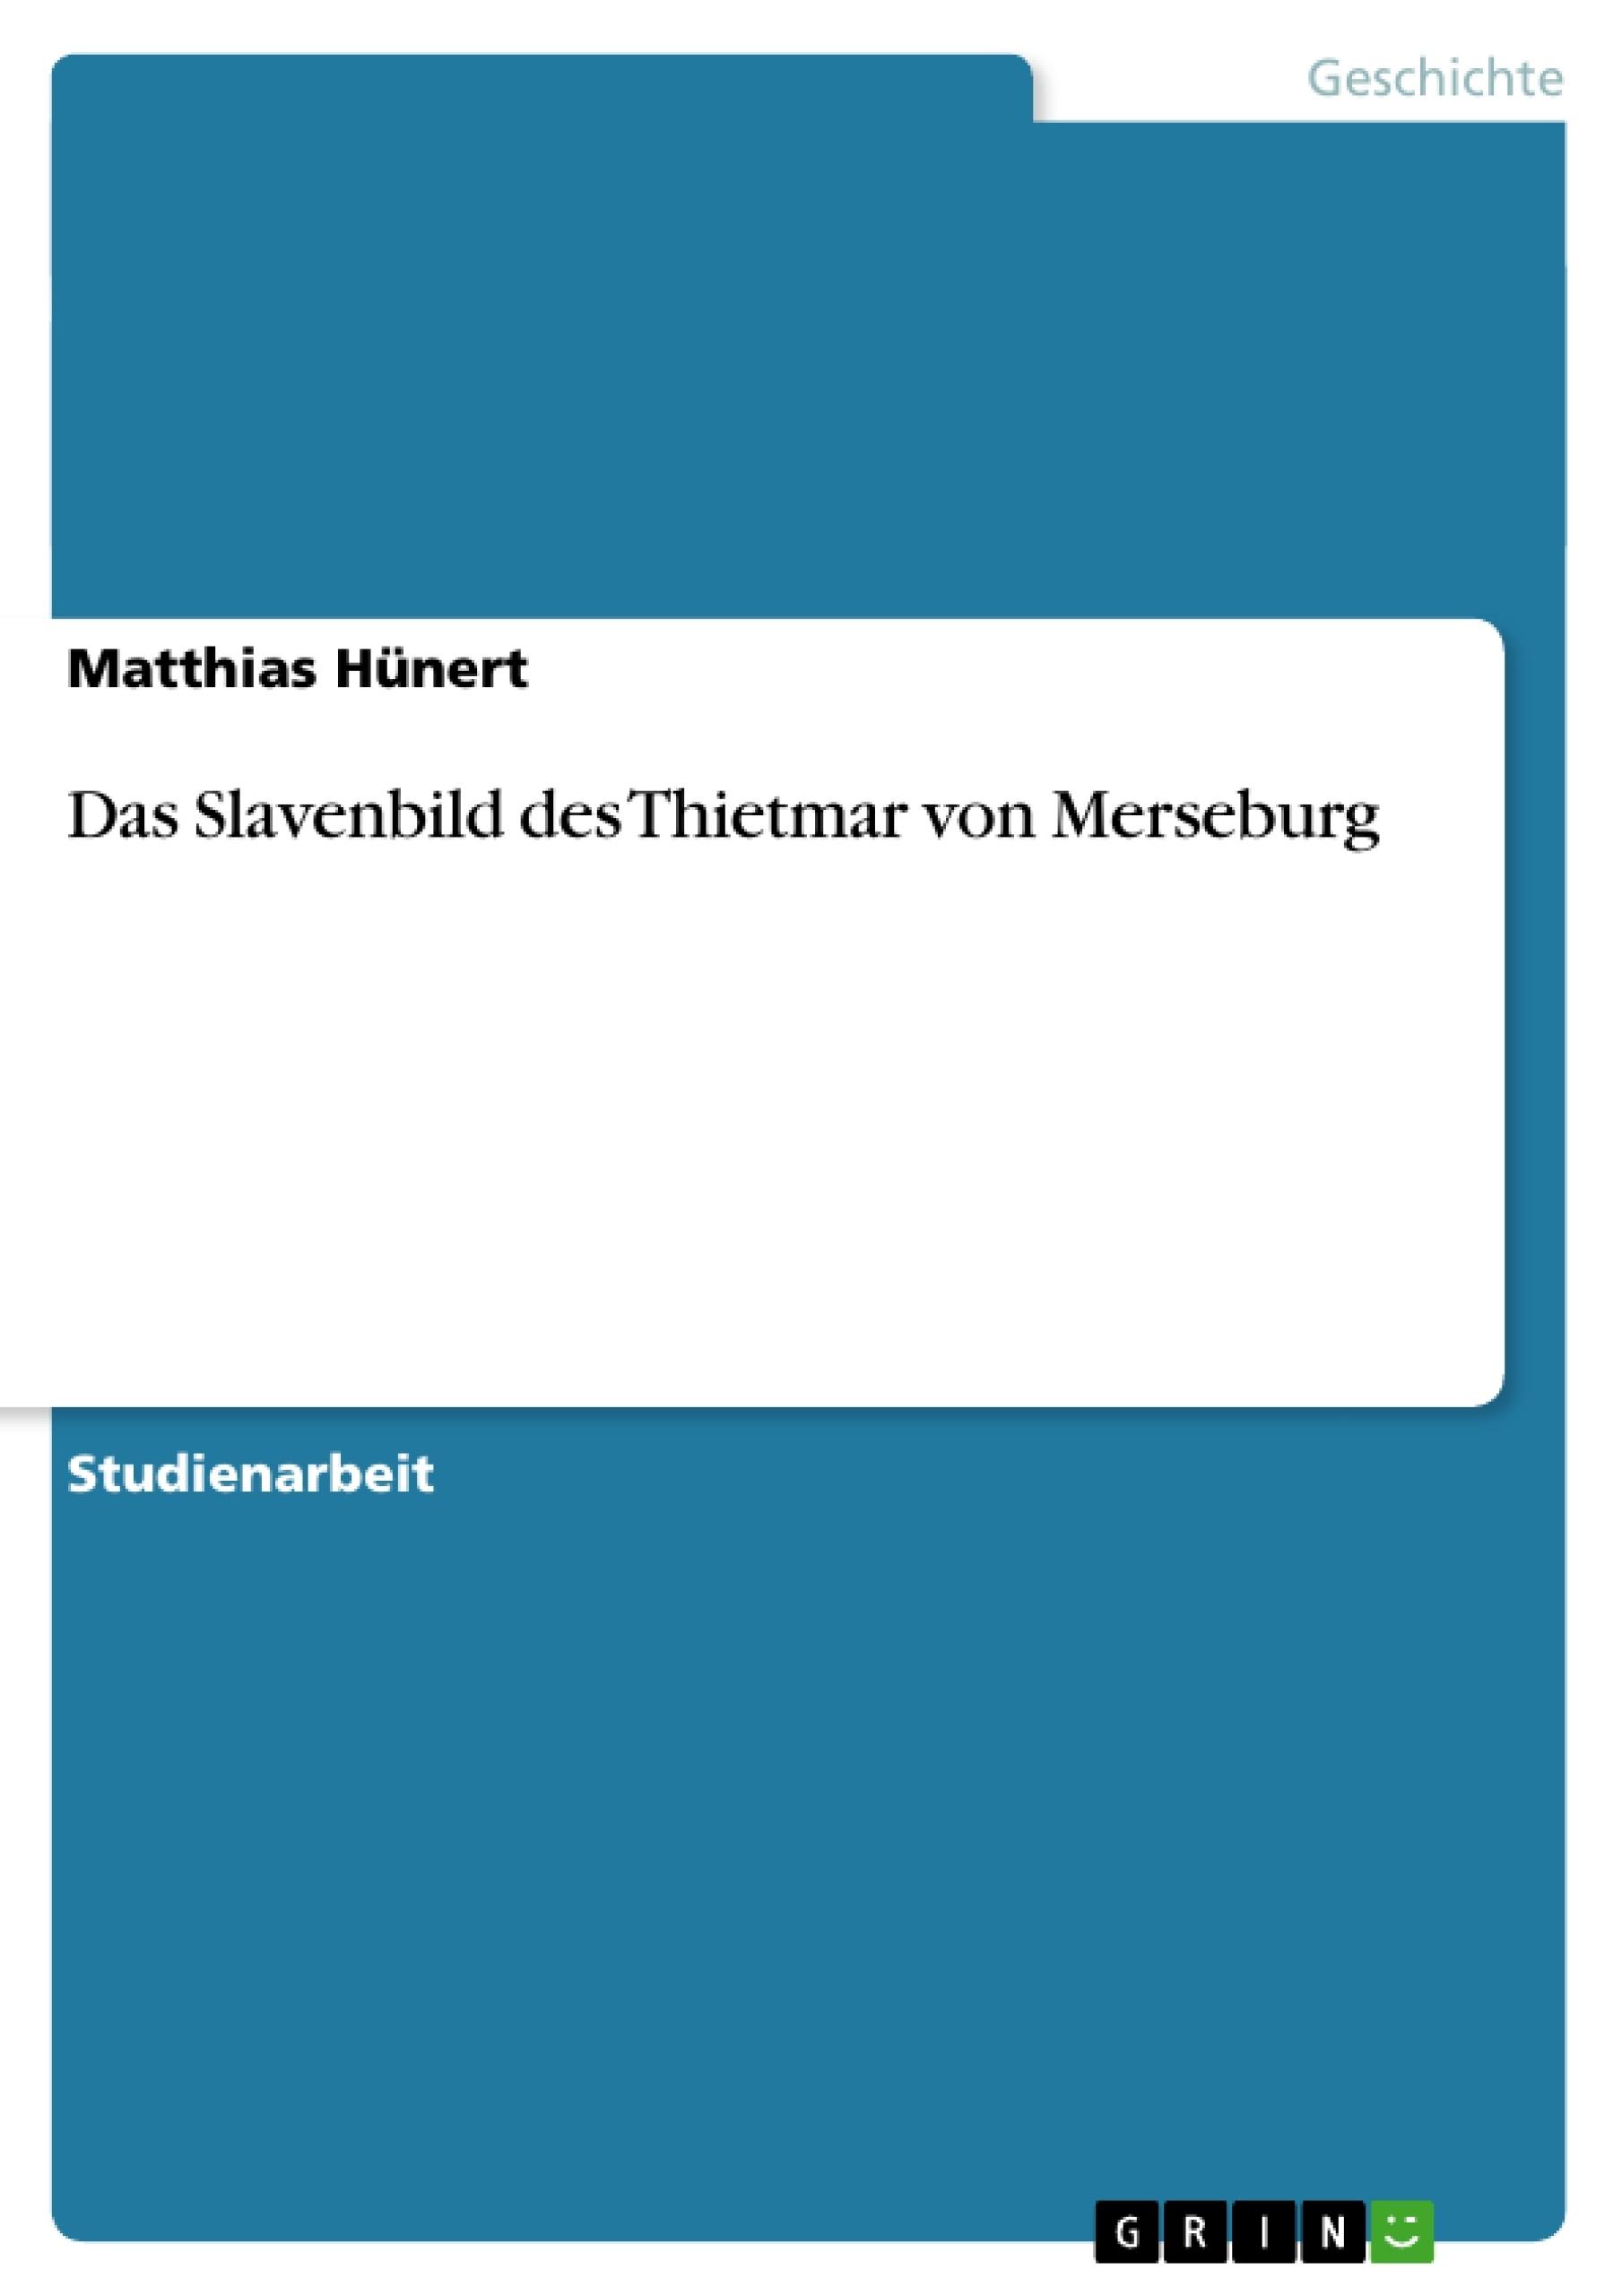 Titel: Das Slavenbild des Thietmar von Merseburg